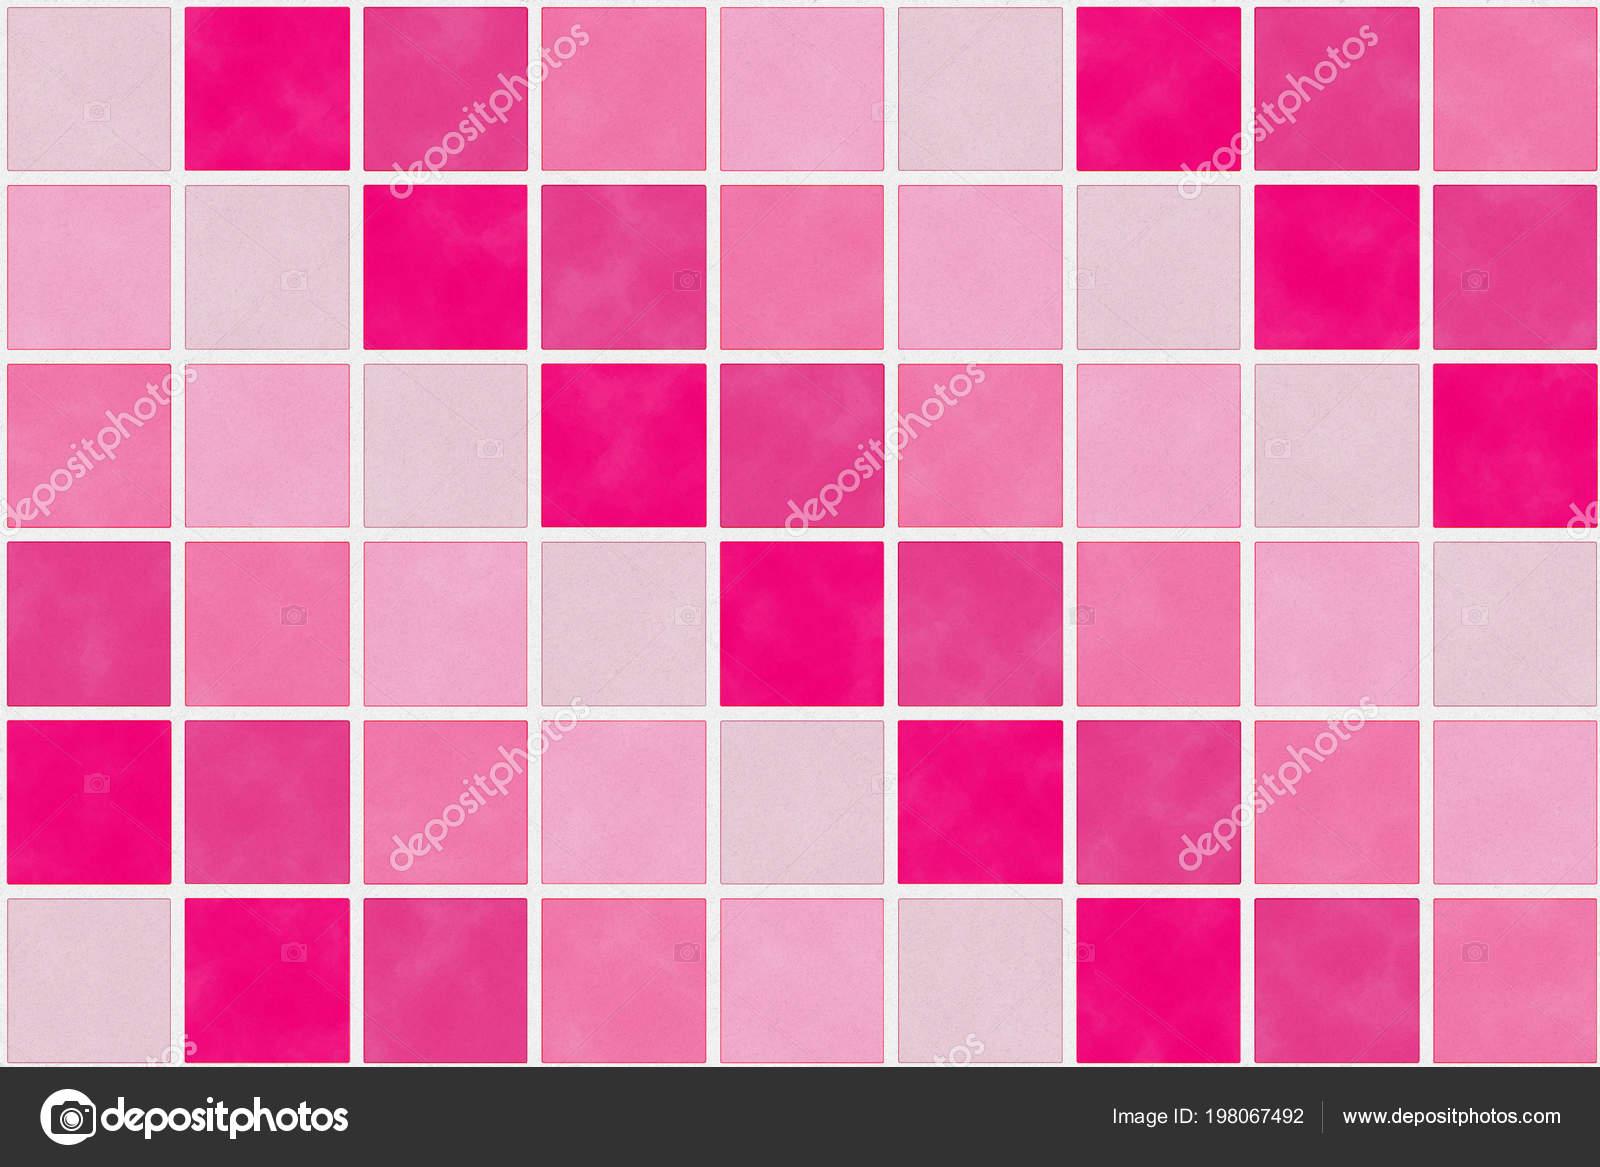 Quadratische Muster Rot Und Rosa Farbton Mit Papier Textur Für